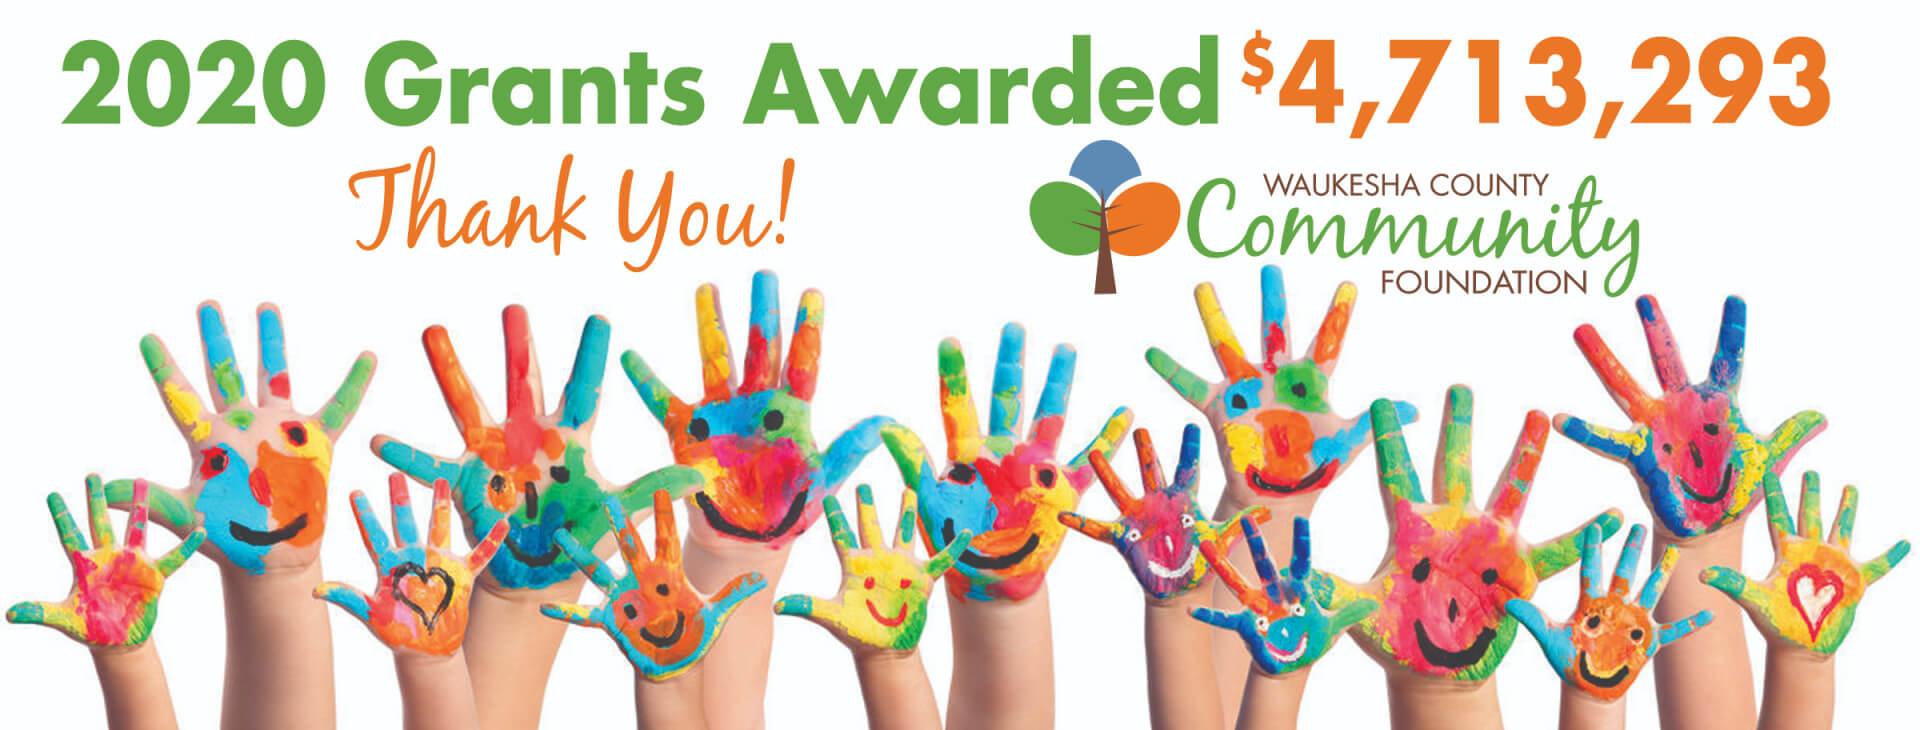 2020 Grants Awarded banner